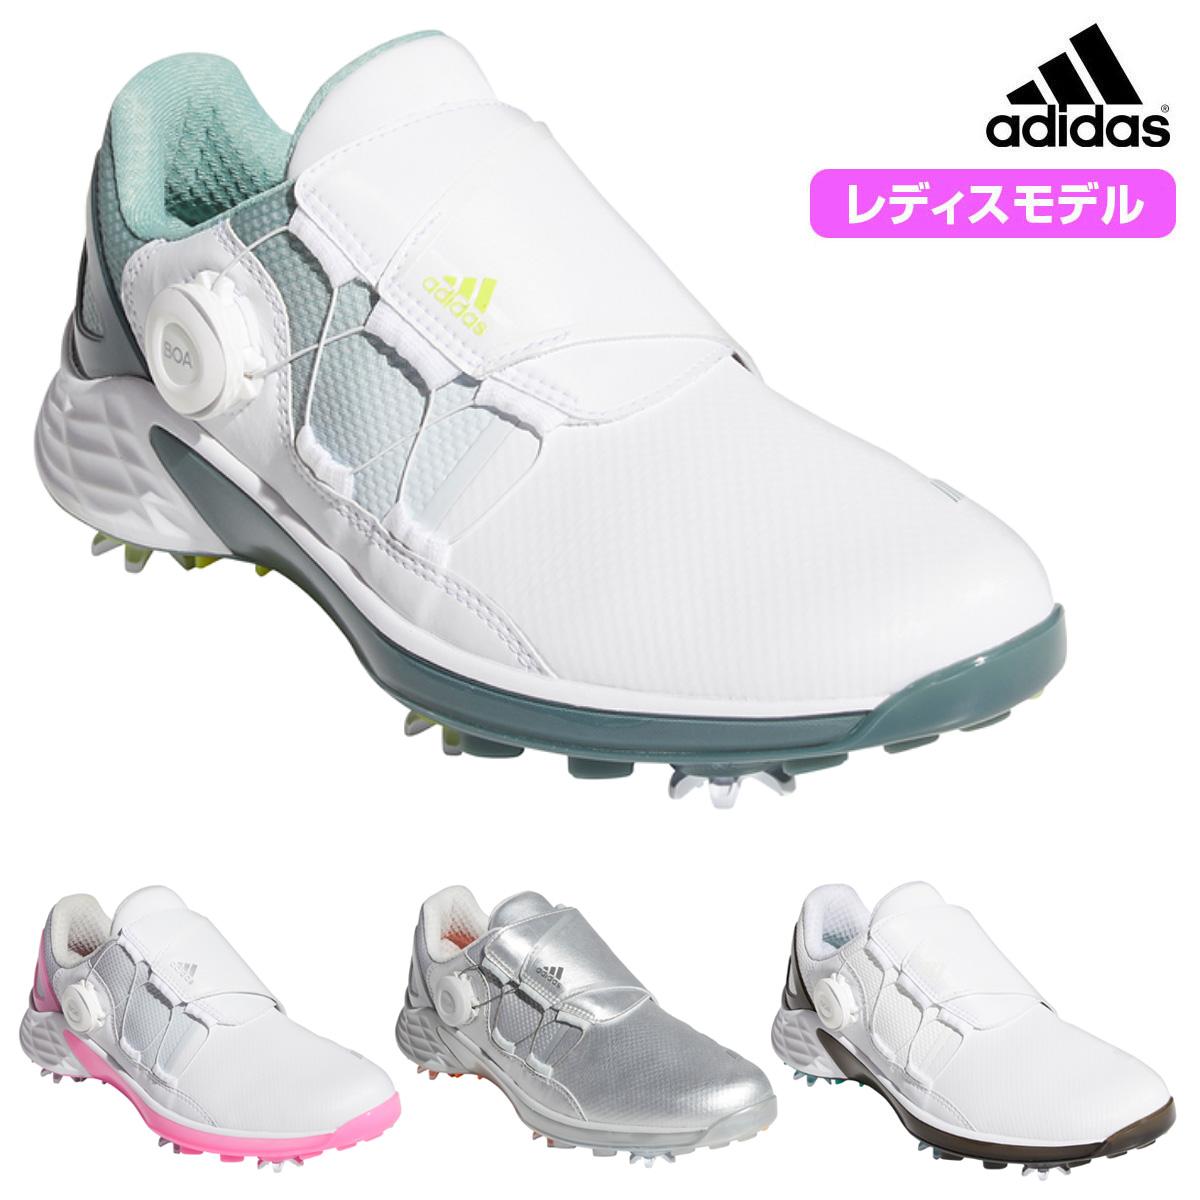 妥協ZERO全てを叶えたこの軽さ adidas Golf アディダスゴルフ 交換無料 日本正規品 ウィメンズ 2021新製品 あす楽対応 ZG21 超歓迎された ゼットジー21ボア ソフトスパイクゴルフシューズ KZI19